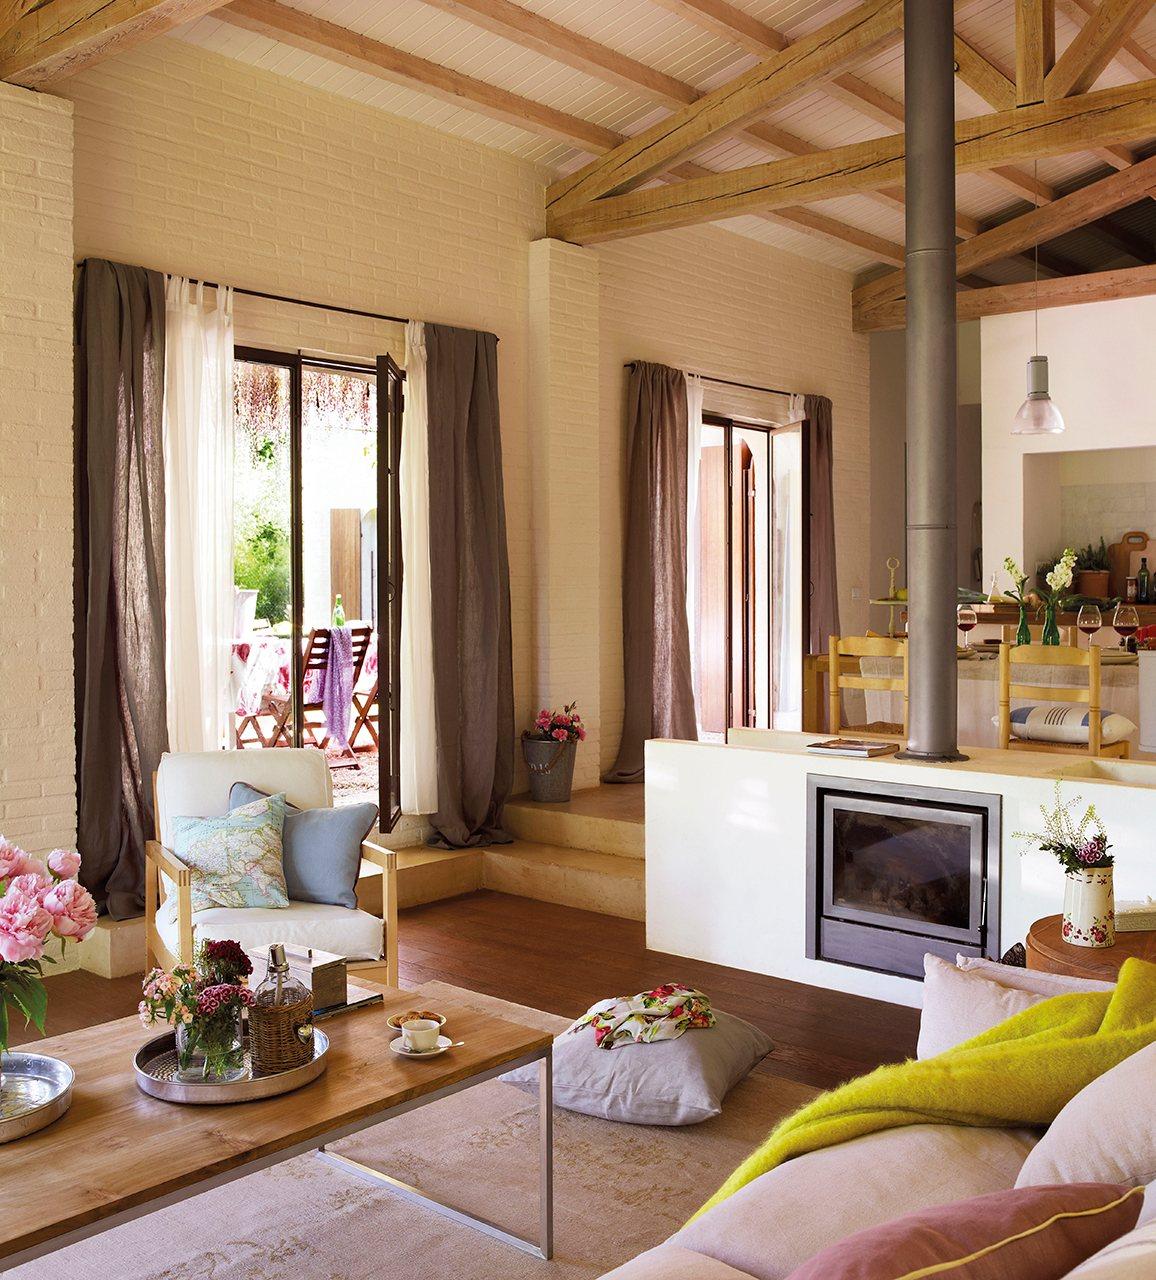 Una casa con estilo de granero - Pared de ladrillo blanco ...